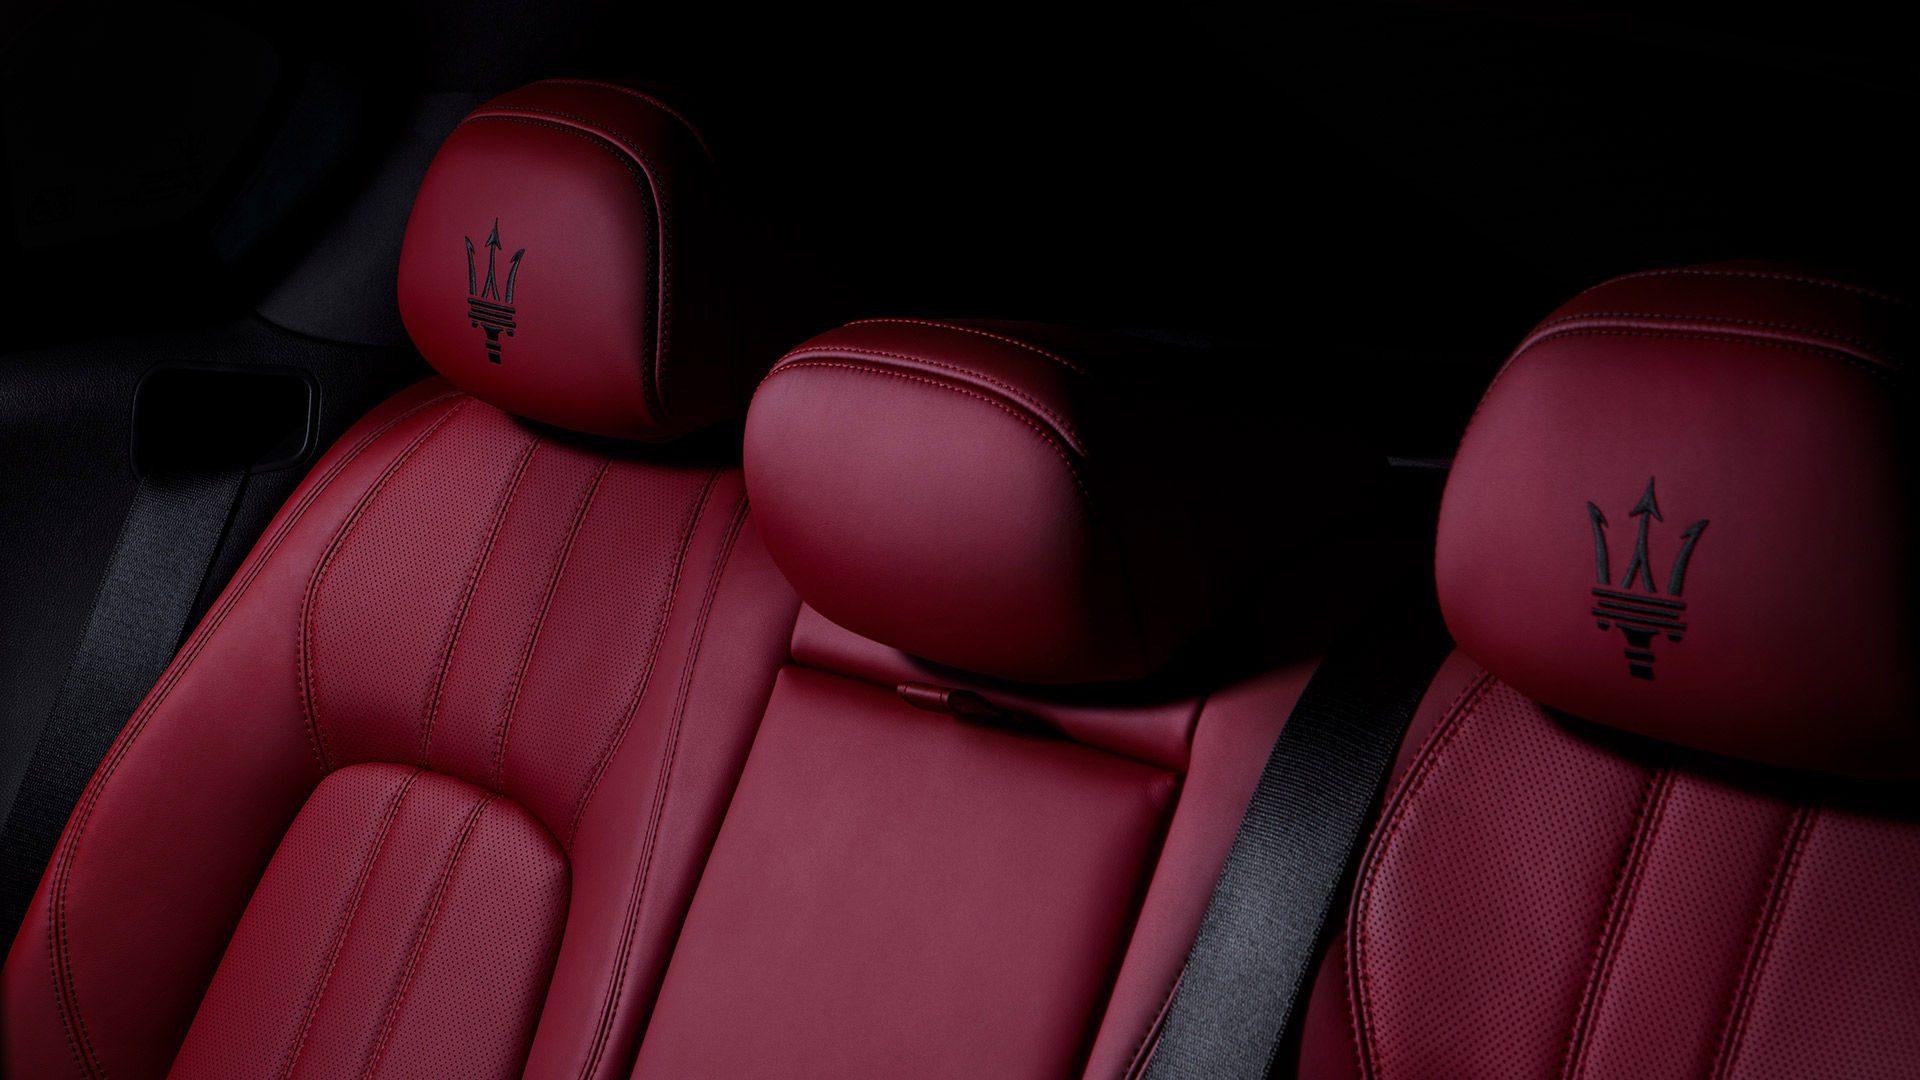 De 60/40 neerklapbare achterstoelen bieden voldoende ruimte om bagage mee te nemen. Wanneer de middenstoel volledig is neergeklapt, heb je een bijna vlakke verlenging van de laadvloer.